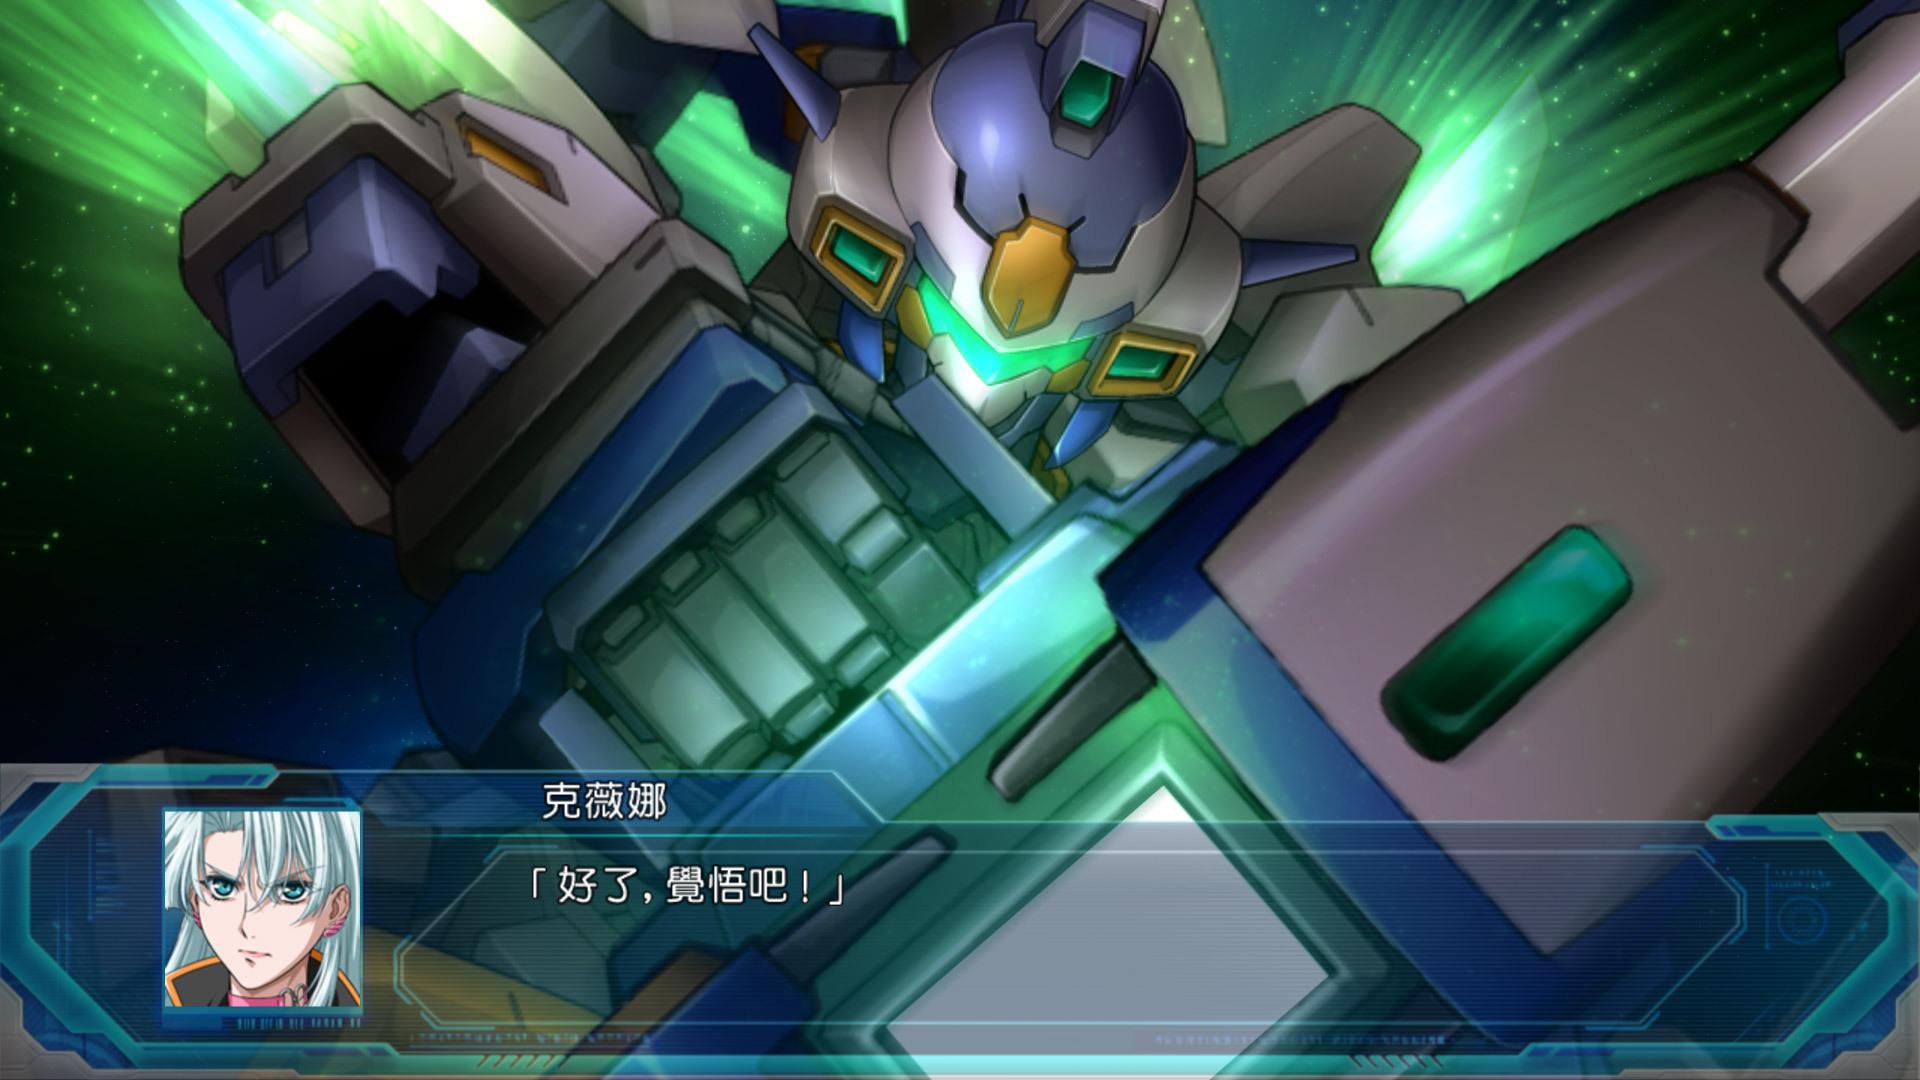 超级机器人大战OG中文版现身PSN商店